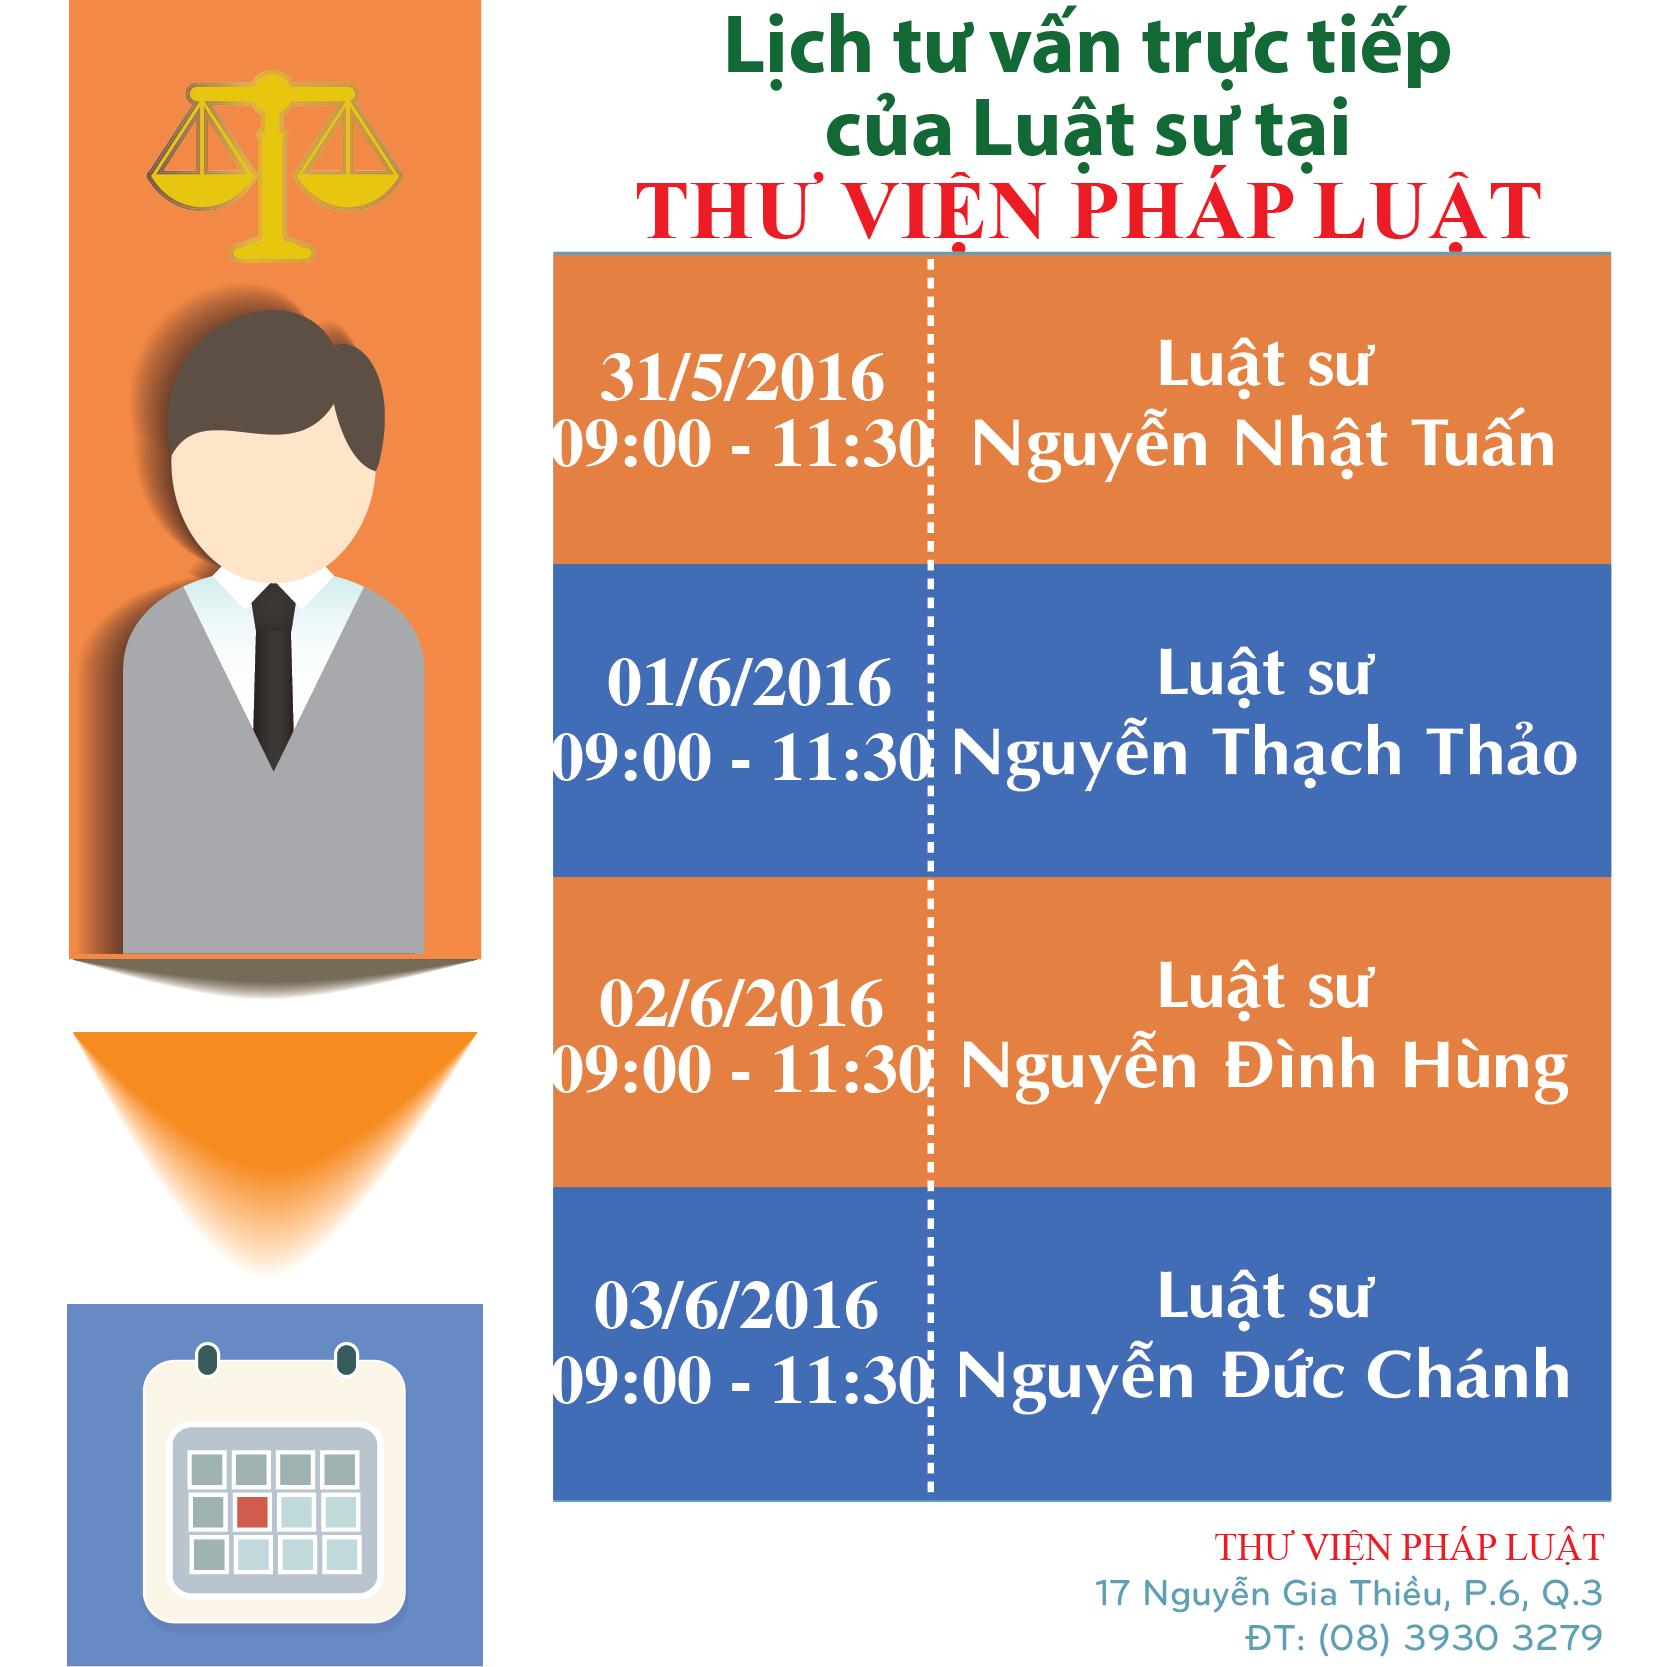 Lịch trực Luật sư tư vấn trực tiếp tại THƯ VIỆN PHÁP LUẬT:lich tu van thang tuan 1 thang 03-2015